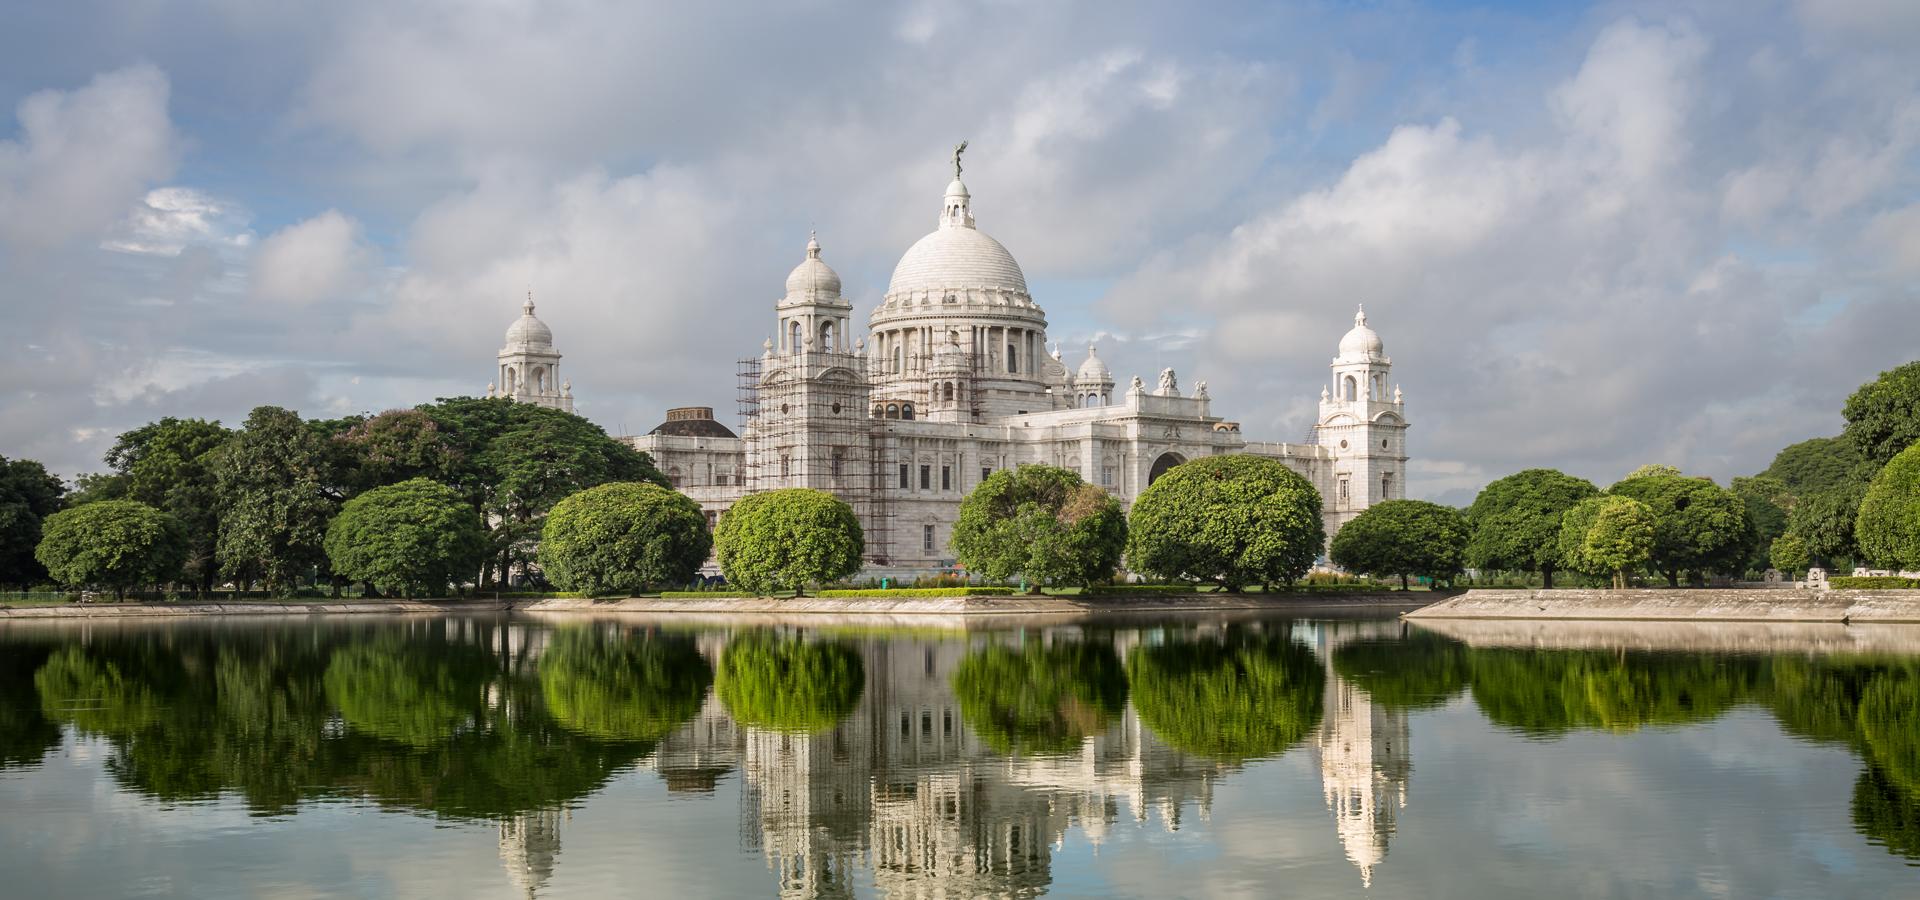 Kolkata, West Bengal, India - Victoria Memorial